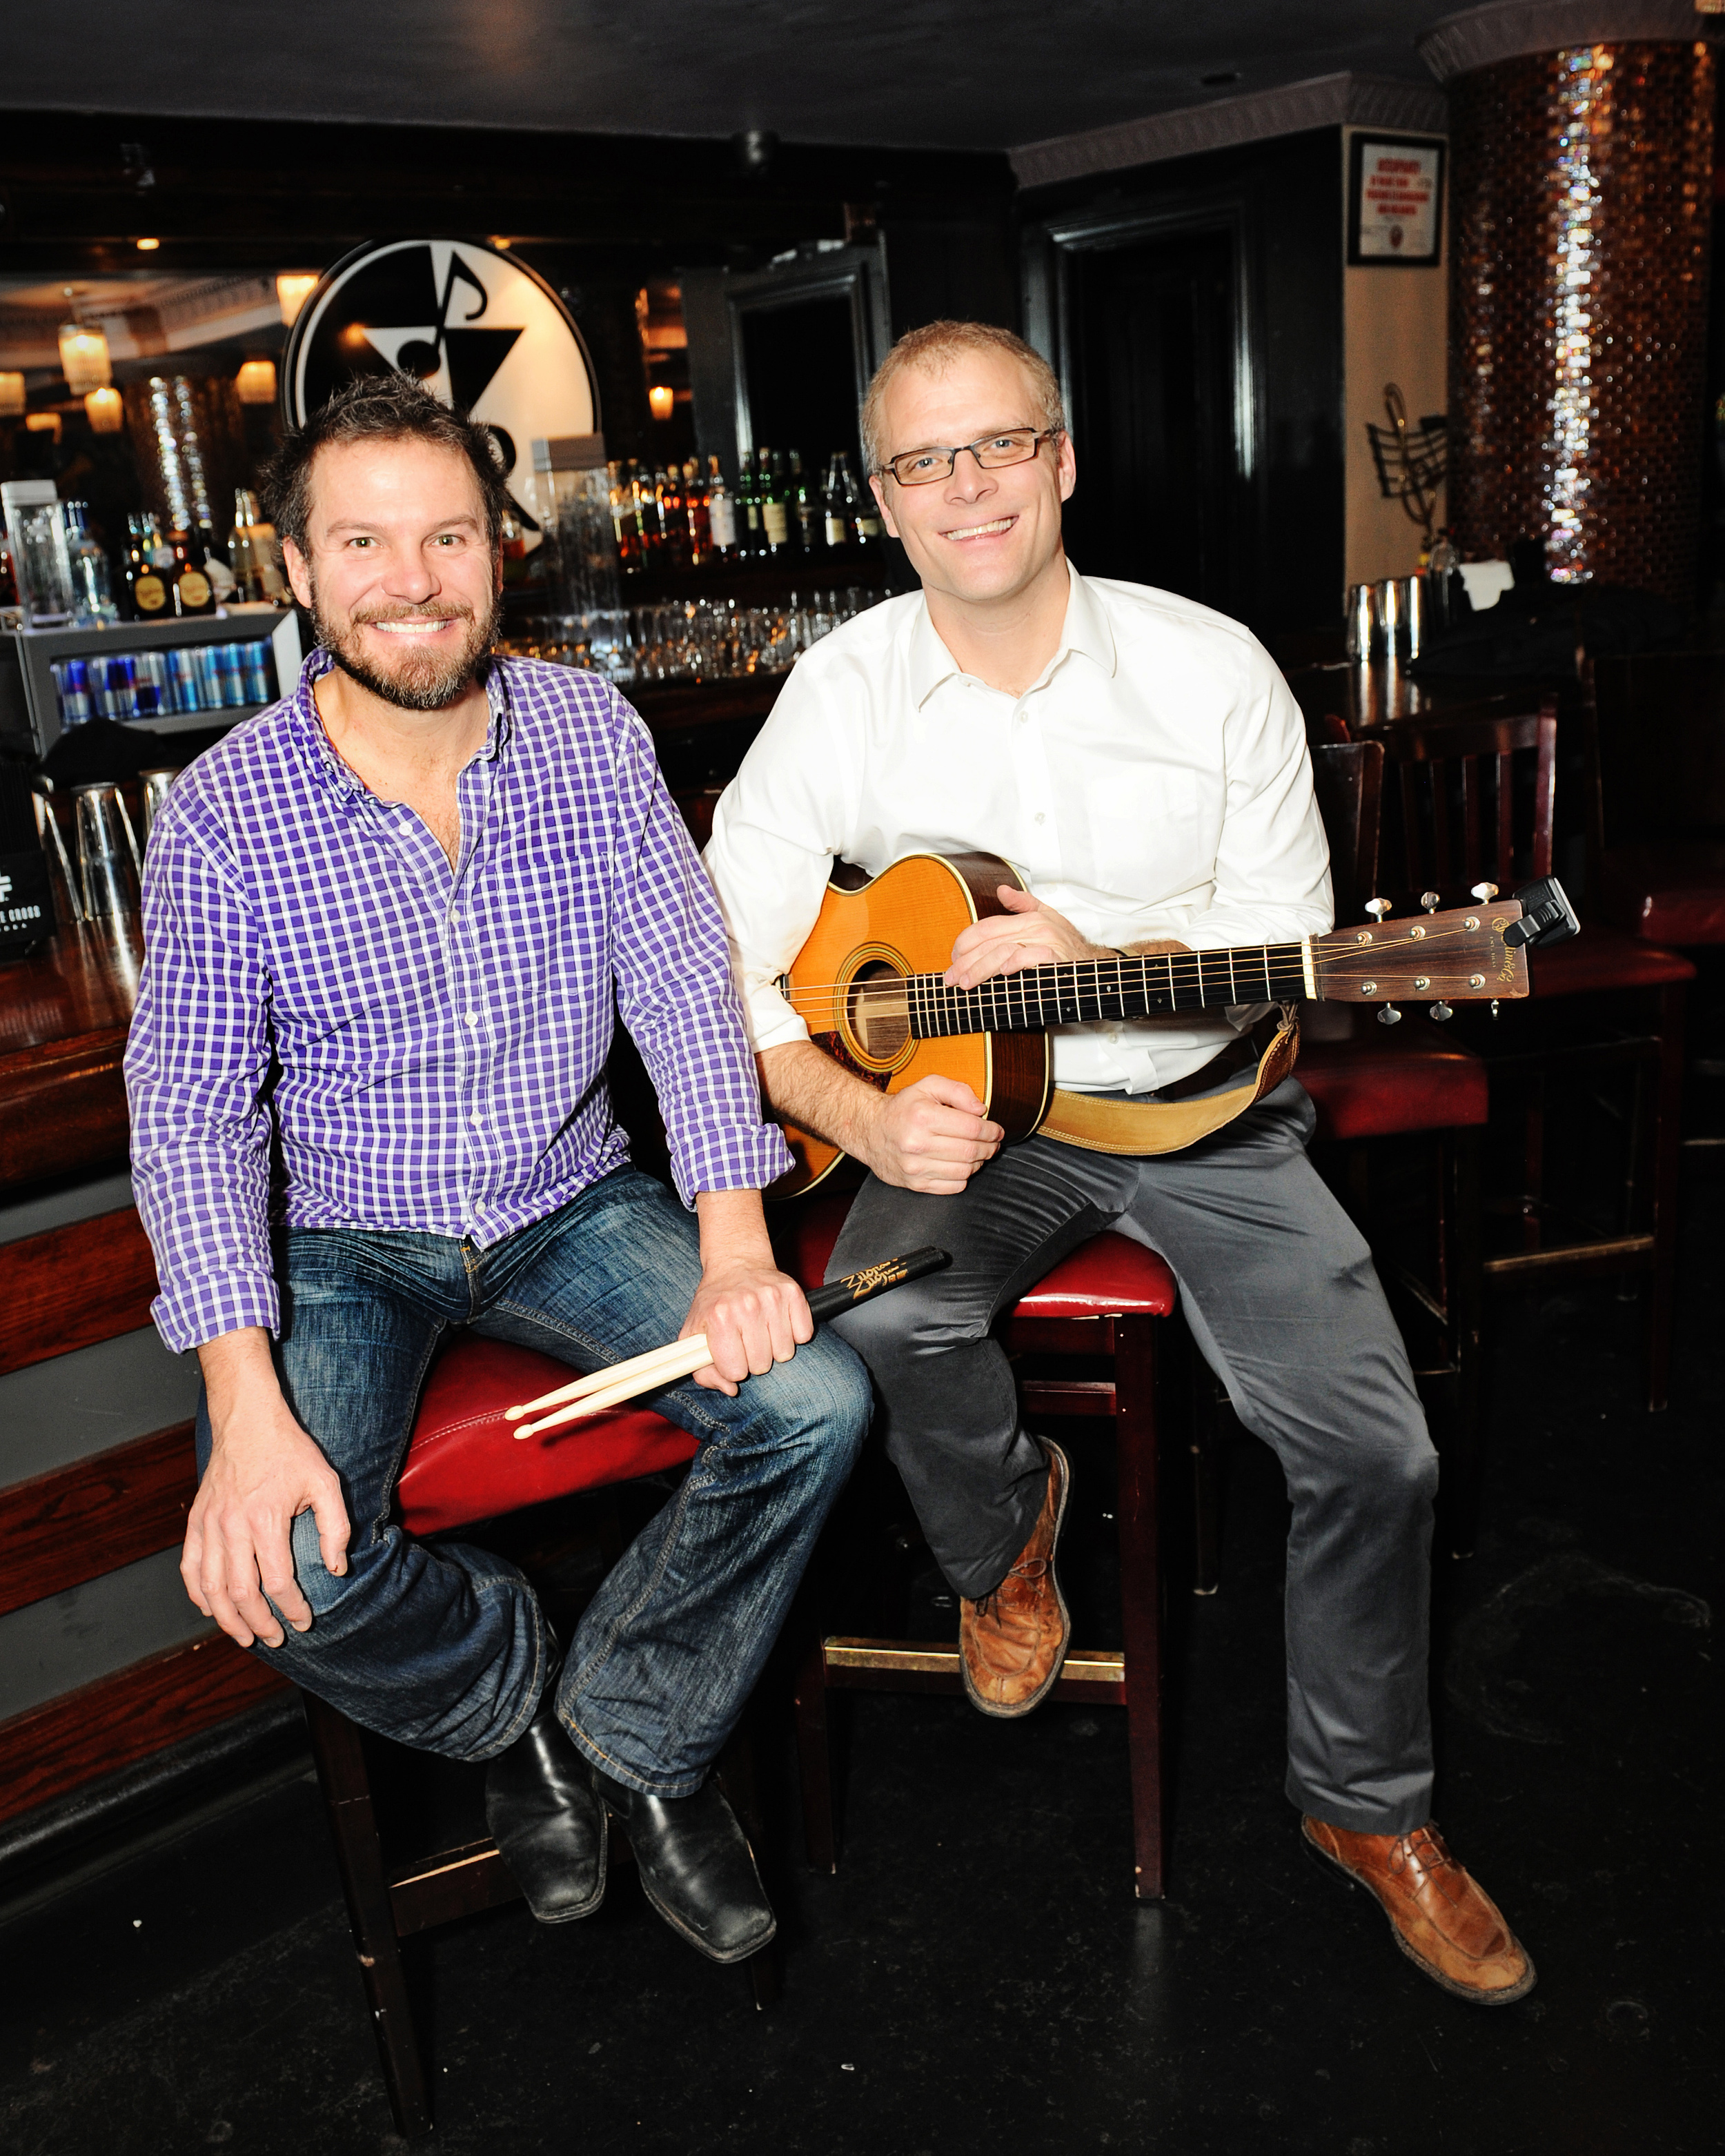 Scott and Jacob pre-show. Courtesy of g-gphoto.com